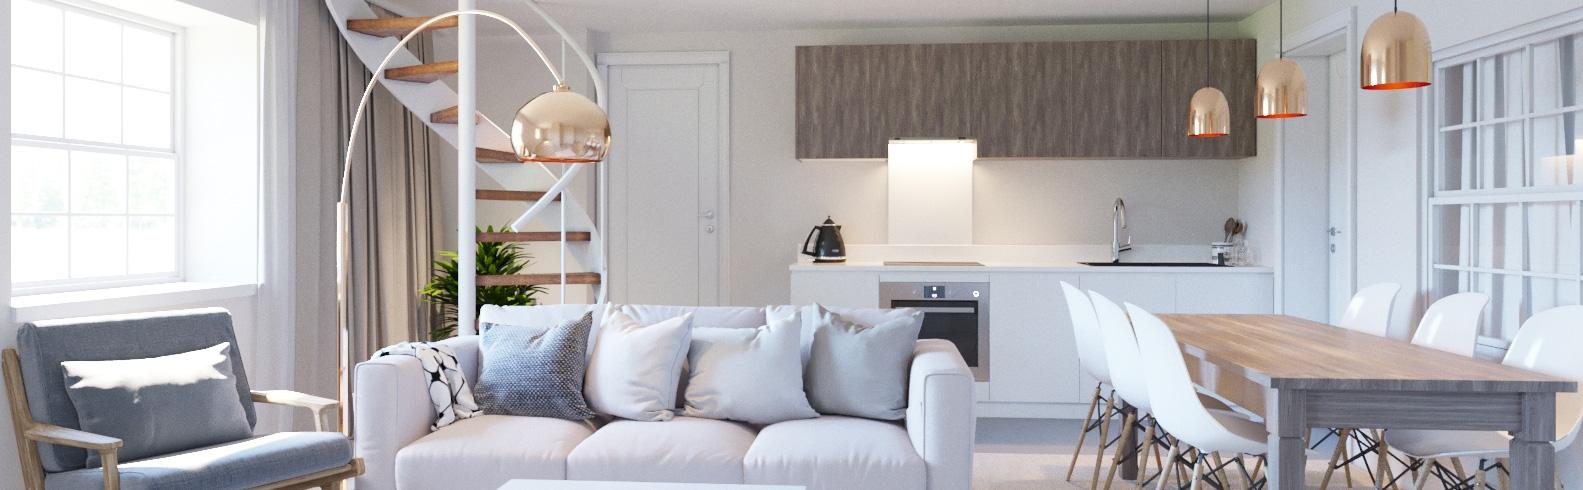 concierge living space